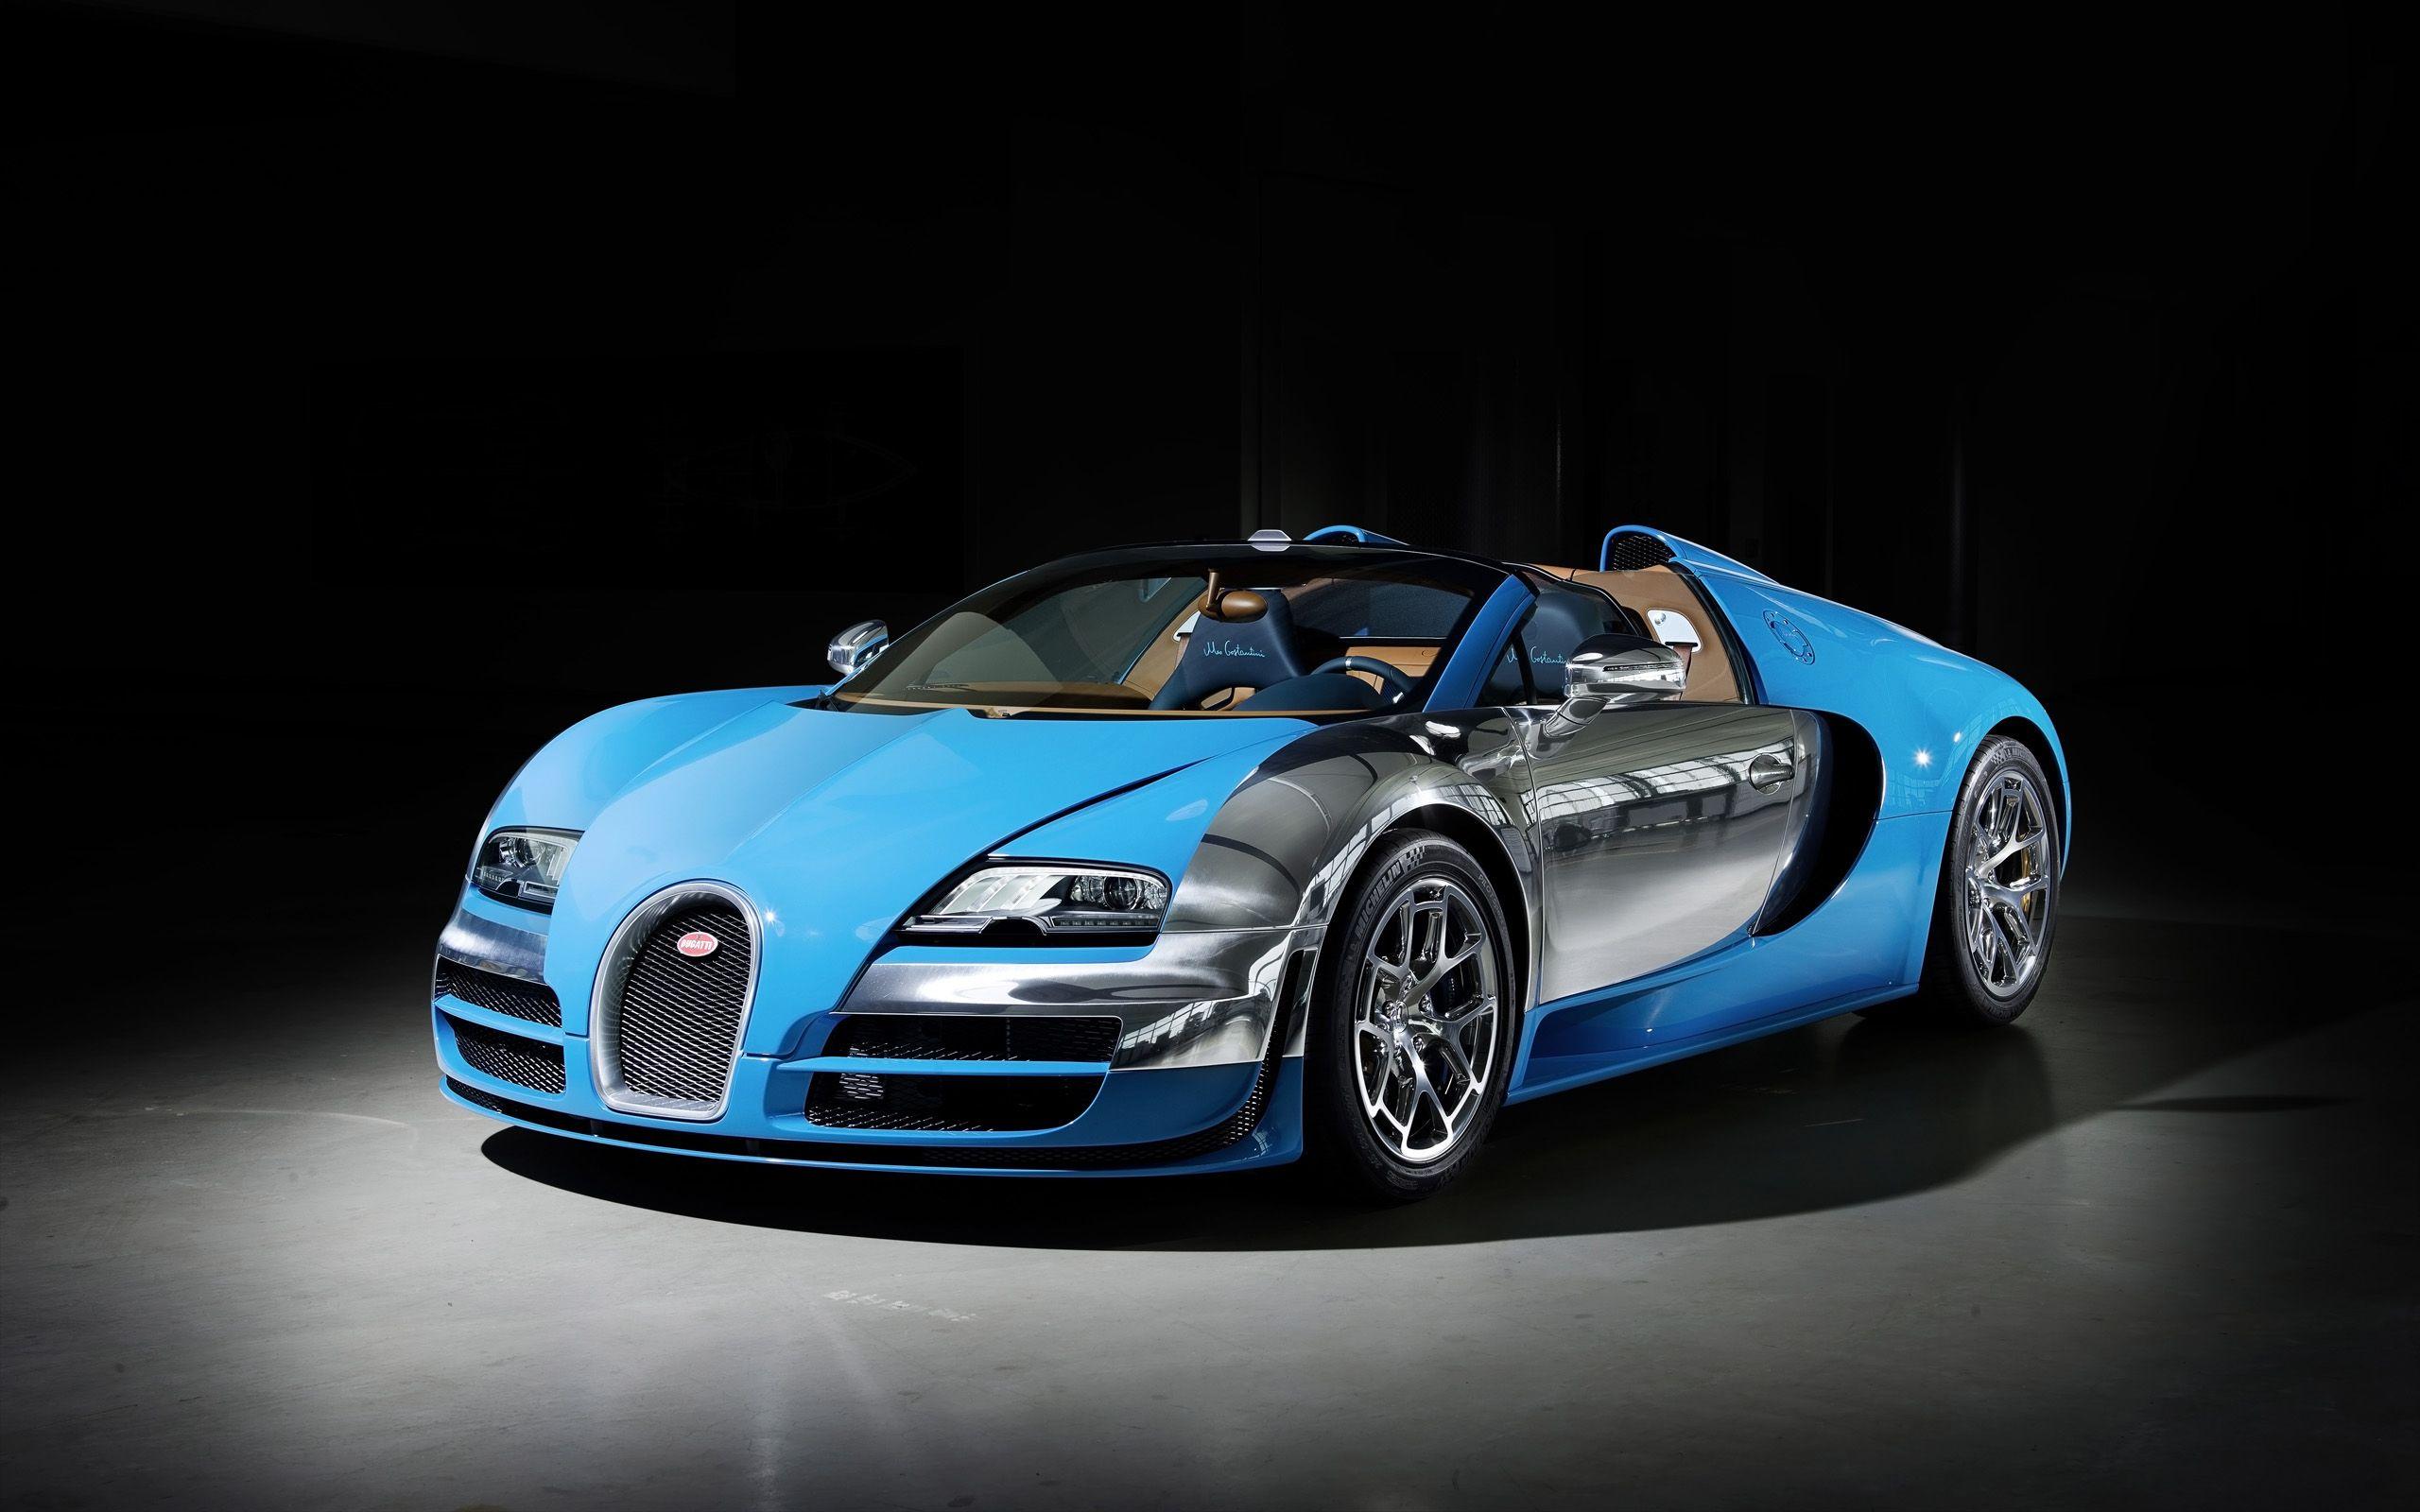 2013 Bugatti Veyron Grand Sport Vitesse Wallpaper Hd Http Imashon Com W Auto 2013 Bugatti Veyron Grand Sport Vitesse Wallpap Cool Sports Cars Bugatti Veyron